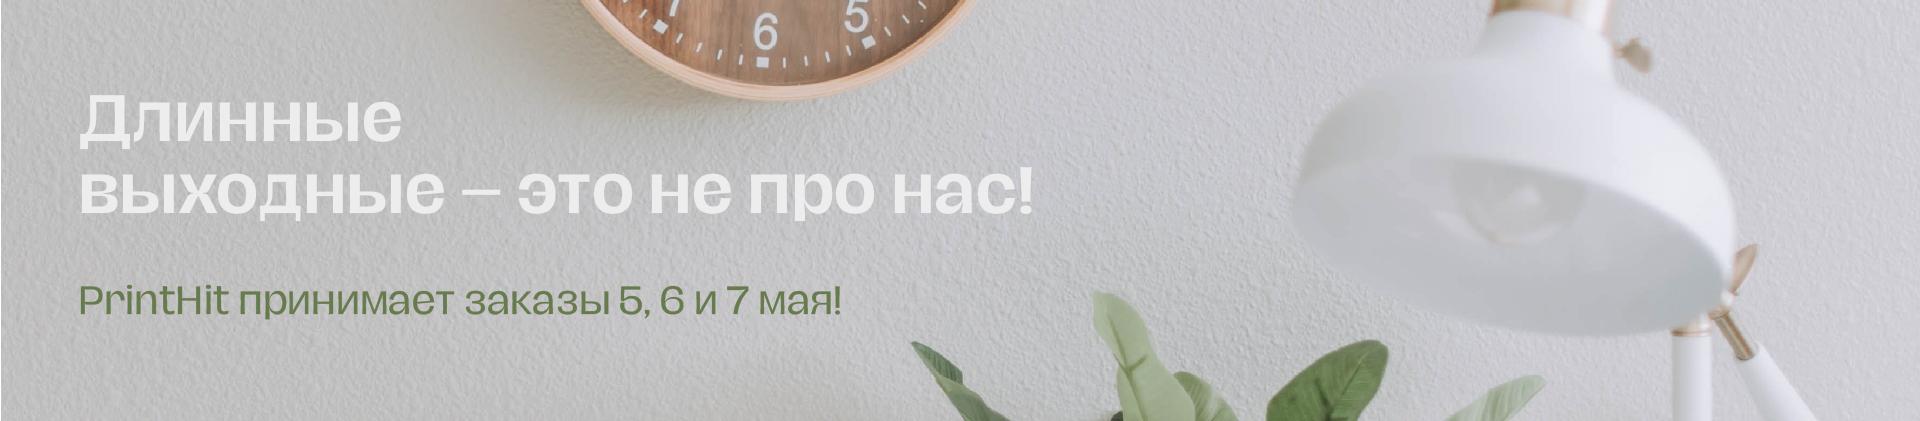 Вы работаете на майских? PrintHit открыт для вас!